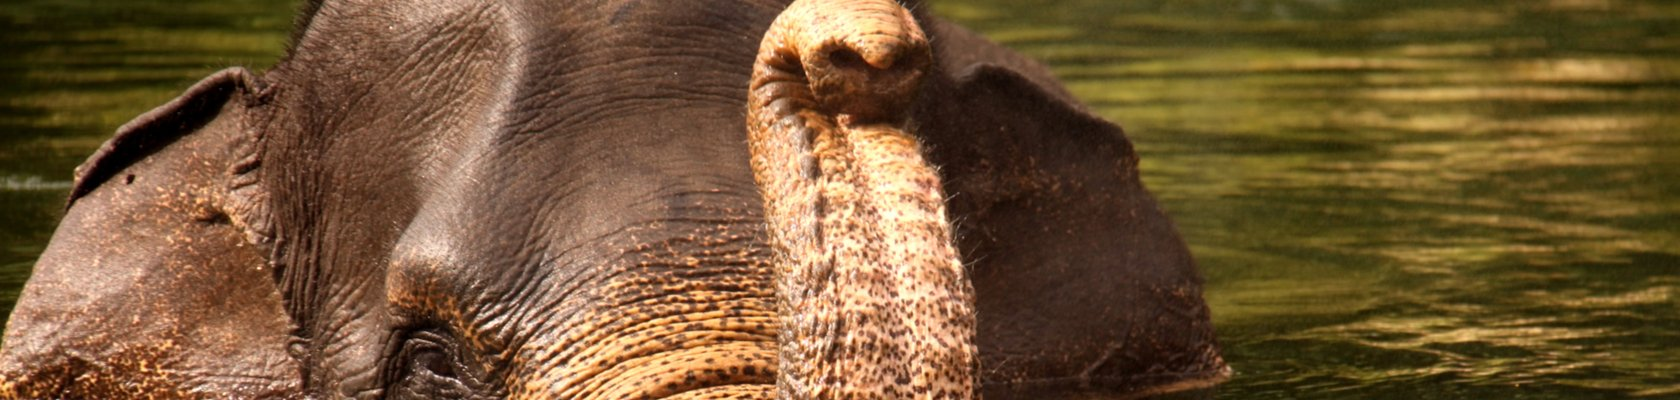 olifant in de rivier bij Tangkahan